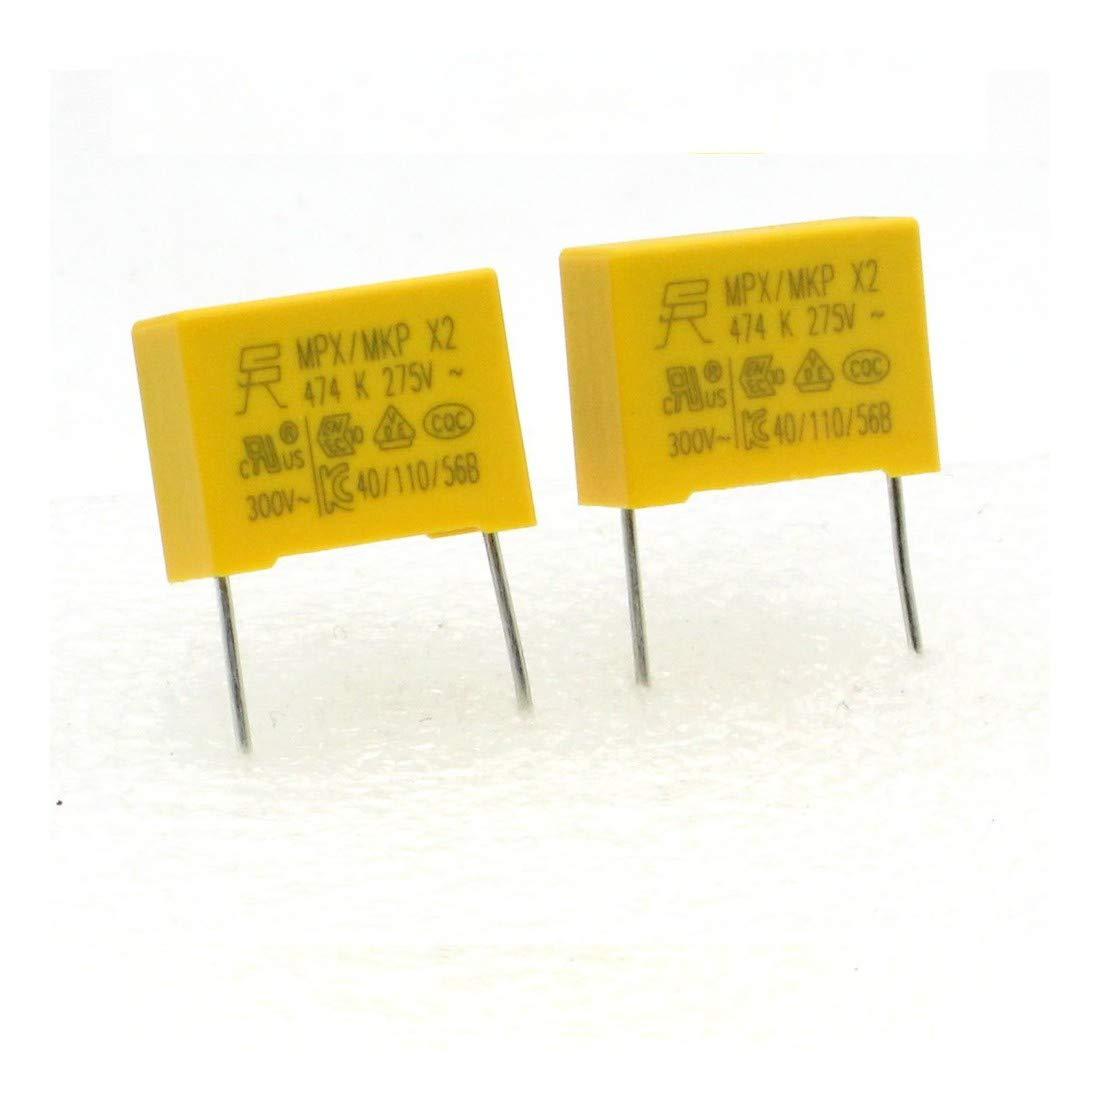 224con483 2x Condensateurs MPX MPK X2 474K 470nf P:15mm 275V